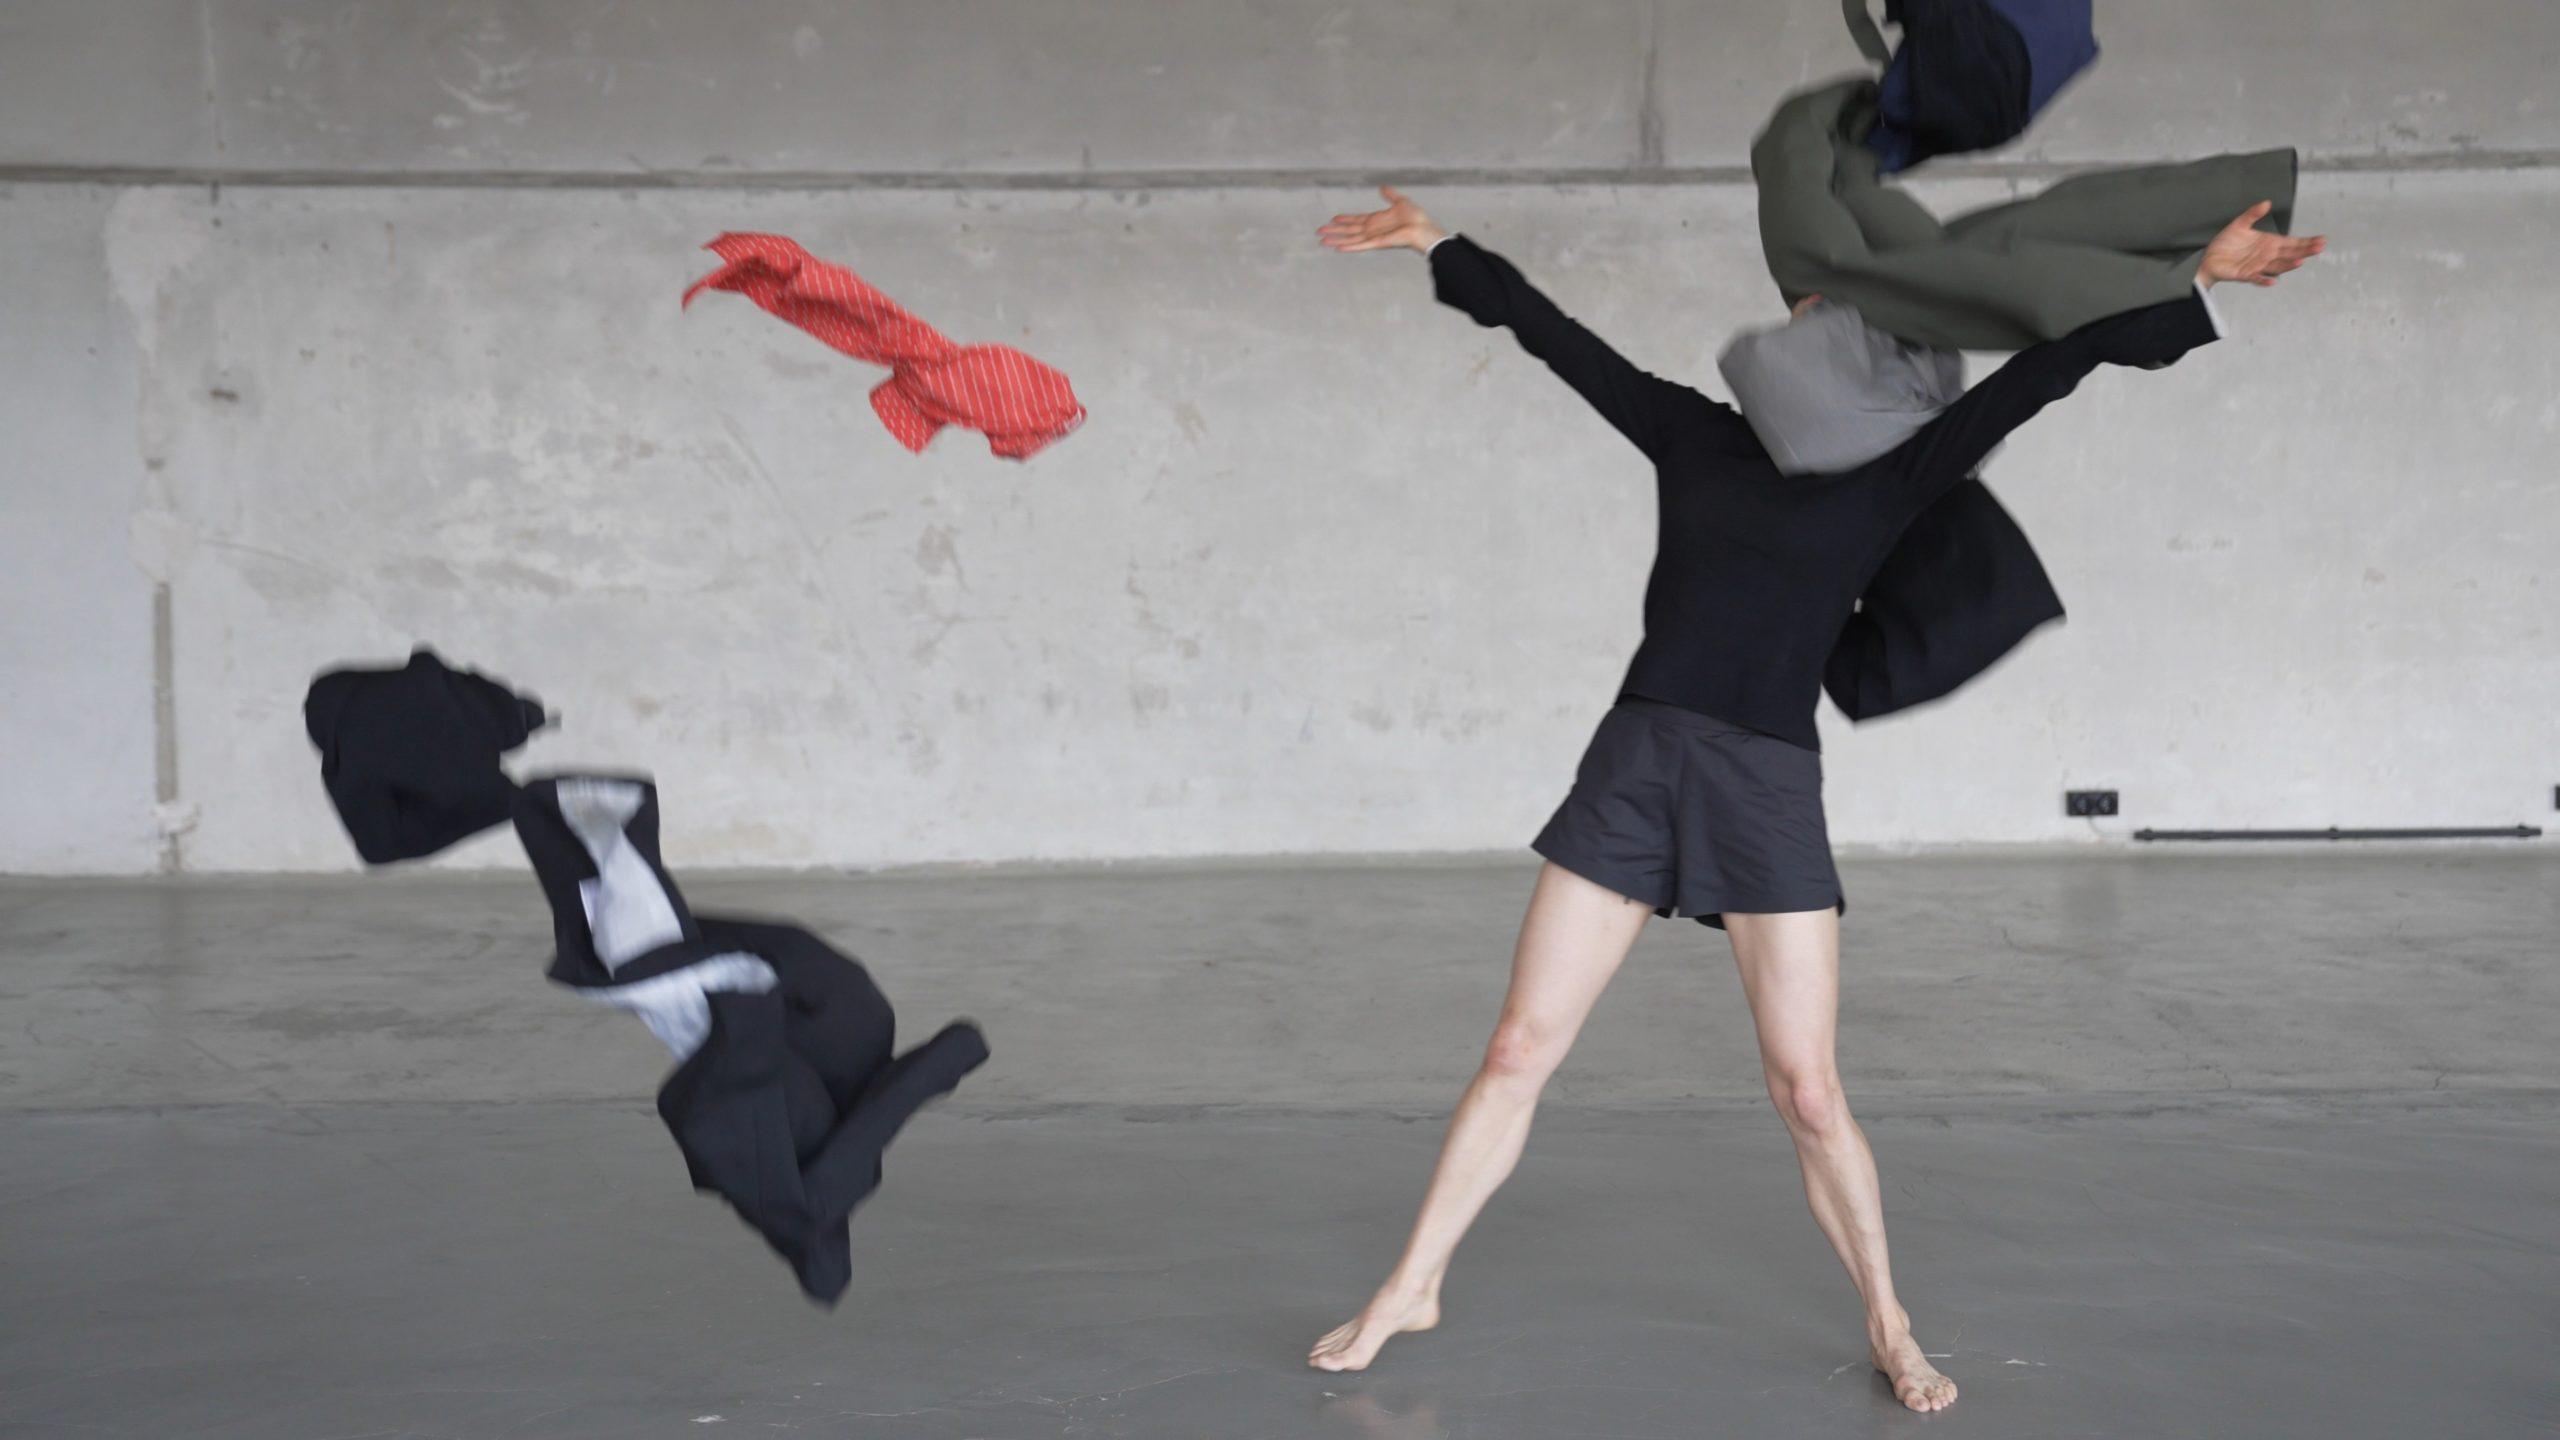 Tanz vom Tod | Das letzte Plötzlich | Maria Walser © Nora Wetzel. Eine Frau in einem schwarzen kurzen Kleid mit nackten Beinen steht breitbeinig auf der Bühne. Ihr Kopf ist von einem grauen Stoff verdeckt und zwei Kleidungsstücke fliegen durch die Luft.